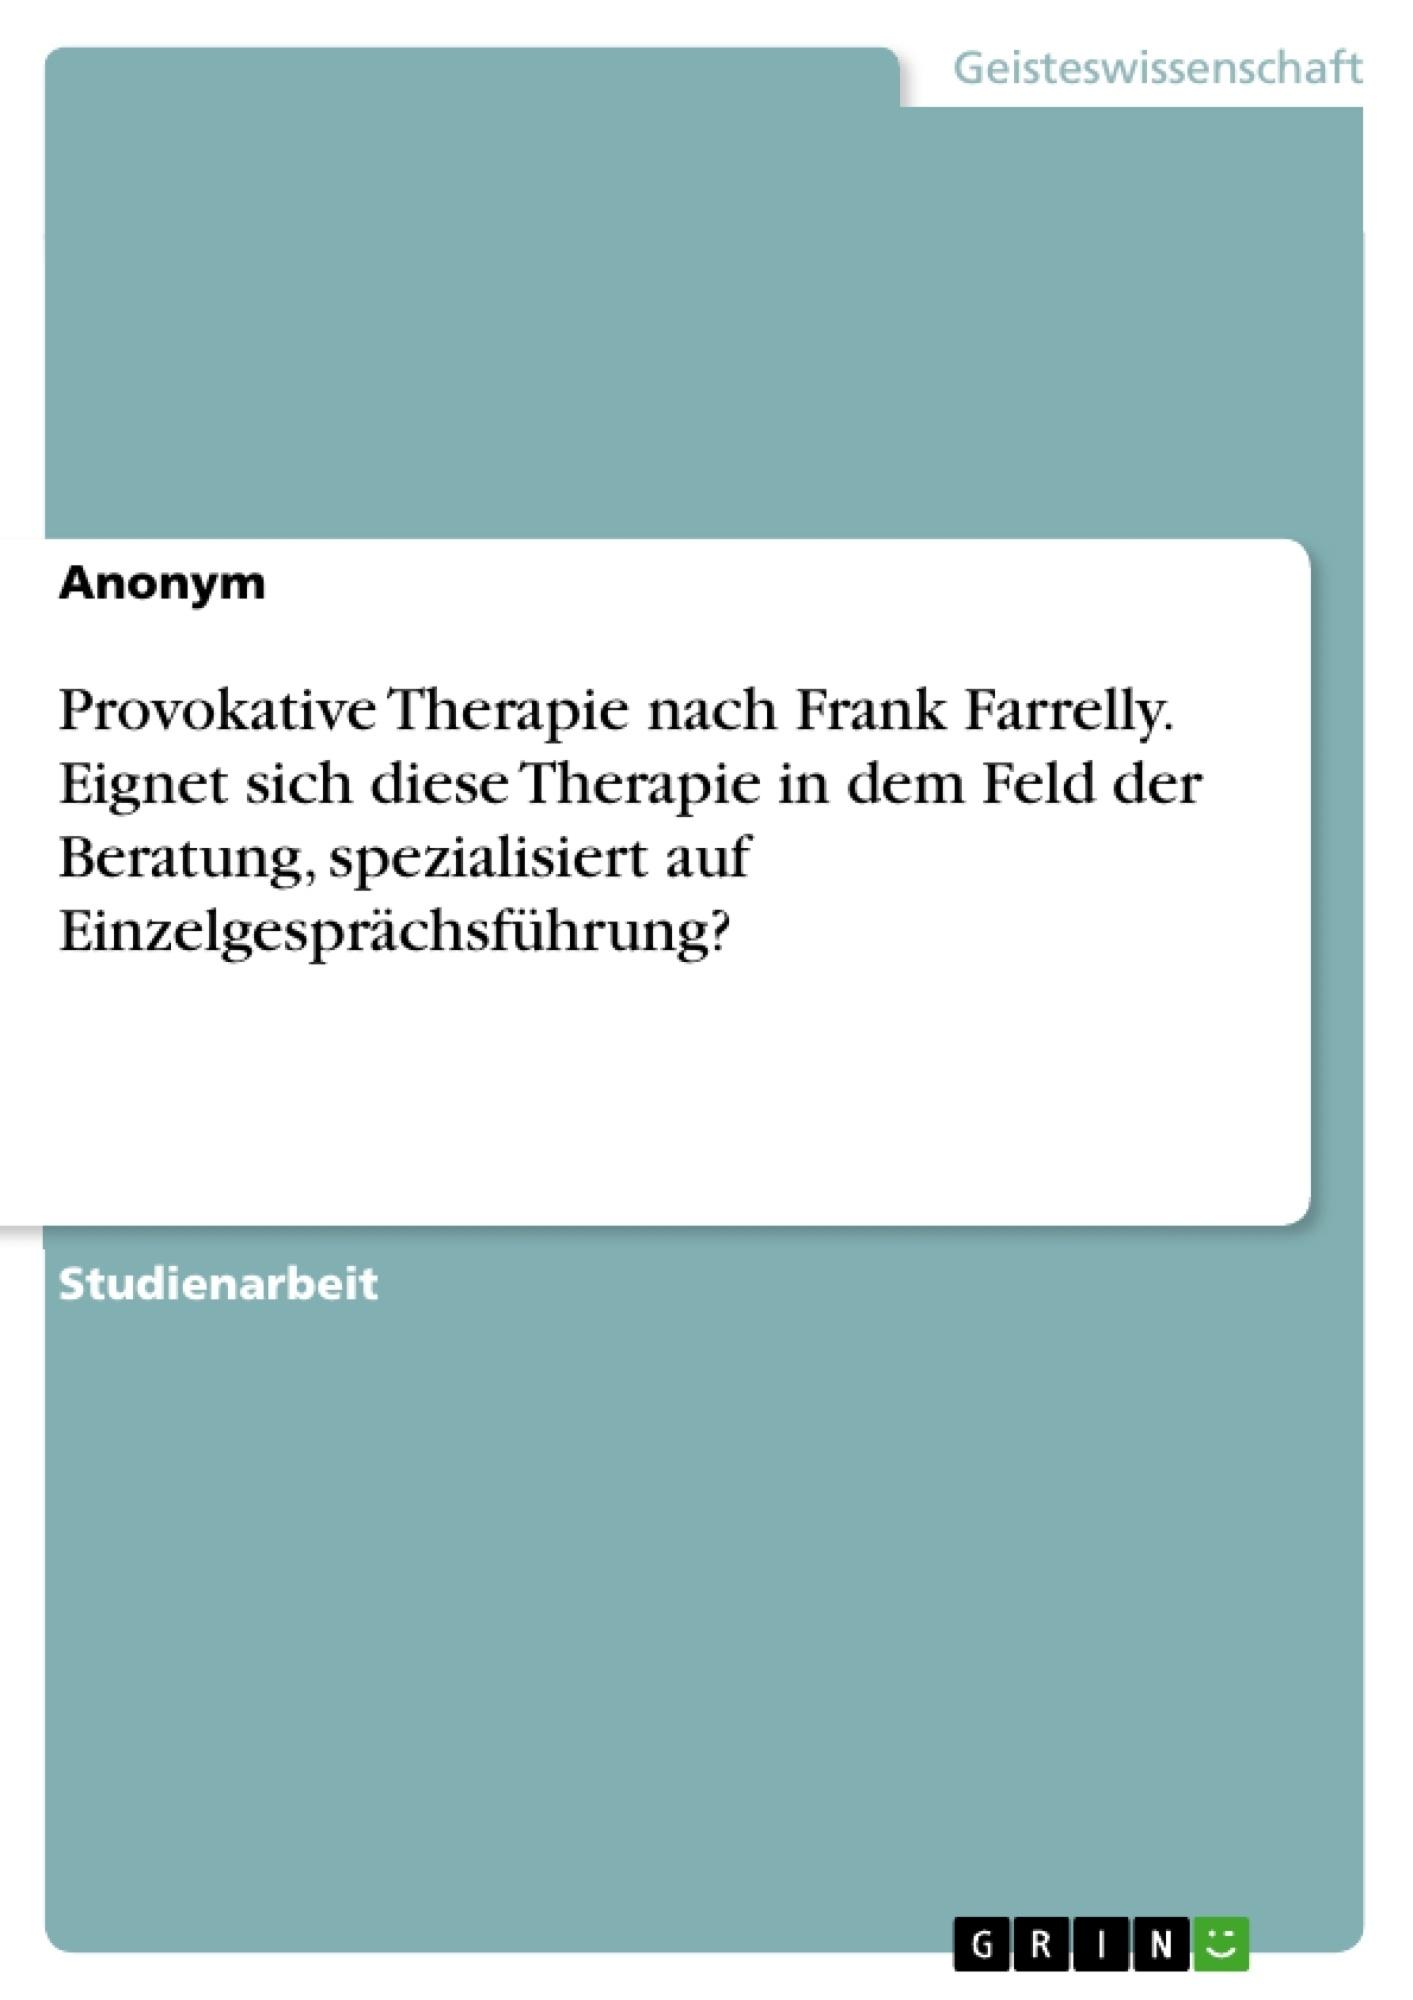 Titel: Provokative Therapie nach Frank Farrelly. Eignet sich diese Therapie in dem Feld der Beratung, spezialisiert auf Einzelgesprächsführung?